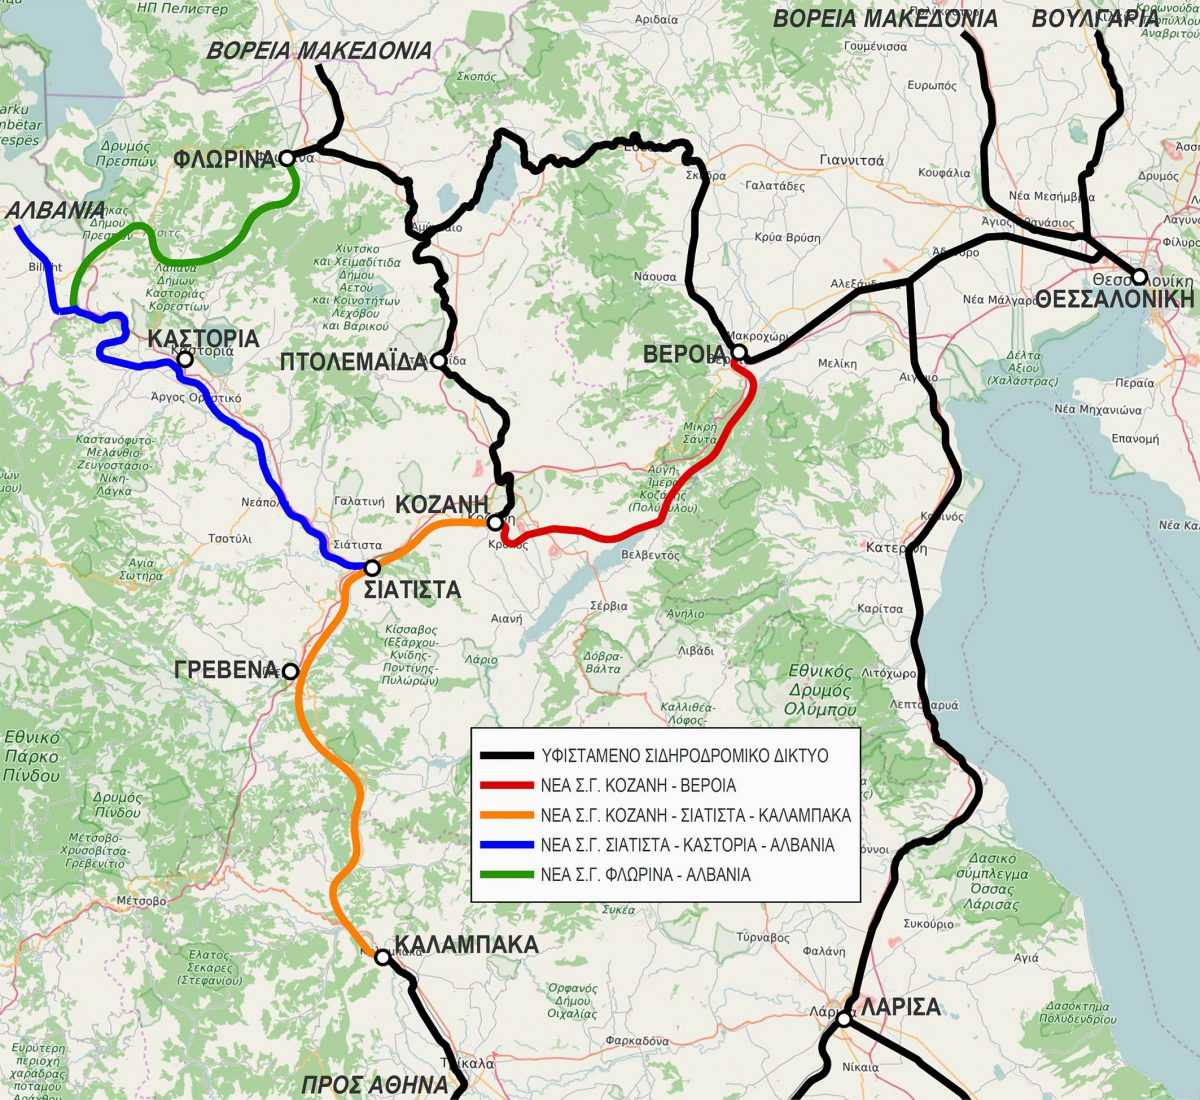 Σιδηρόδρομος στην μεταλιγνιτική Δυτική Μακεδονία: Ανάγκη και ευκαιρία. Προτεραιότητα η σύνδεση Κοζάνης - Βέροιας. Γράφει ο Δημήτρης Τσανακτσίδης*